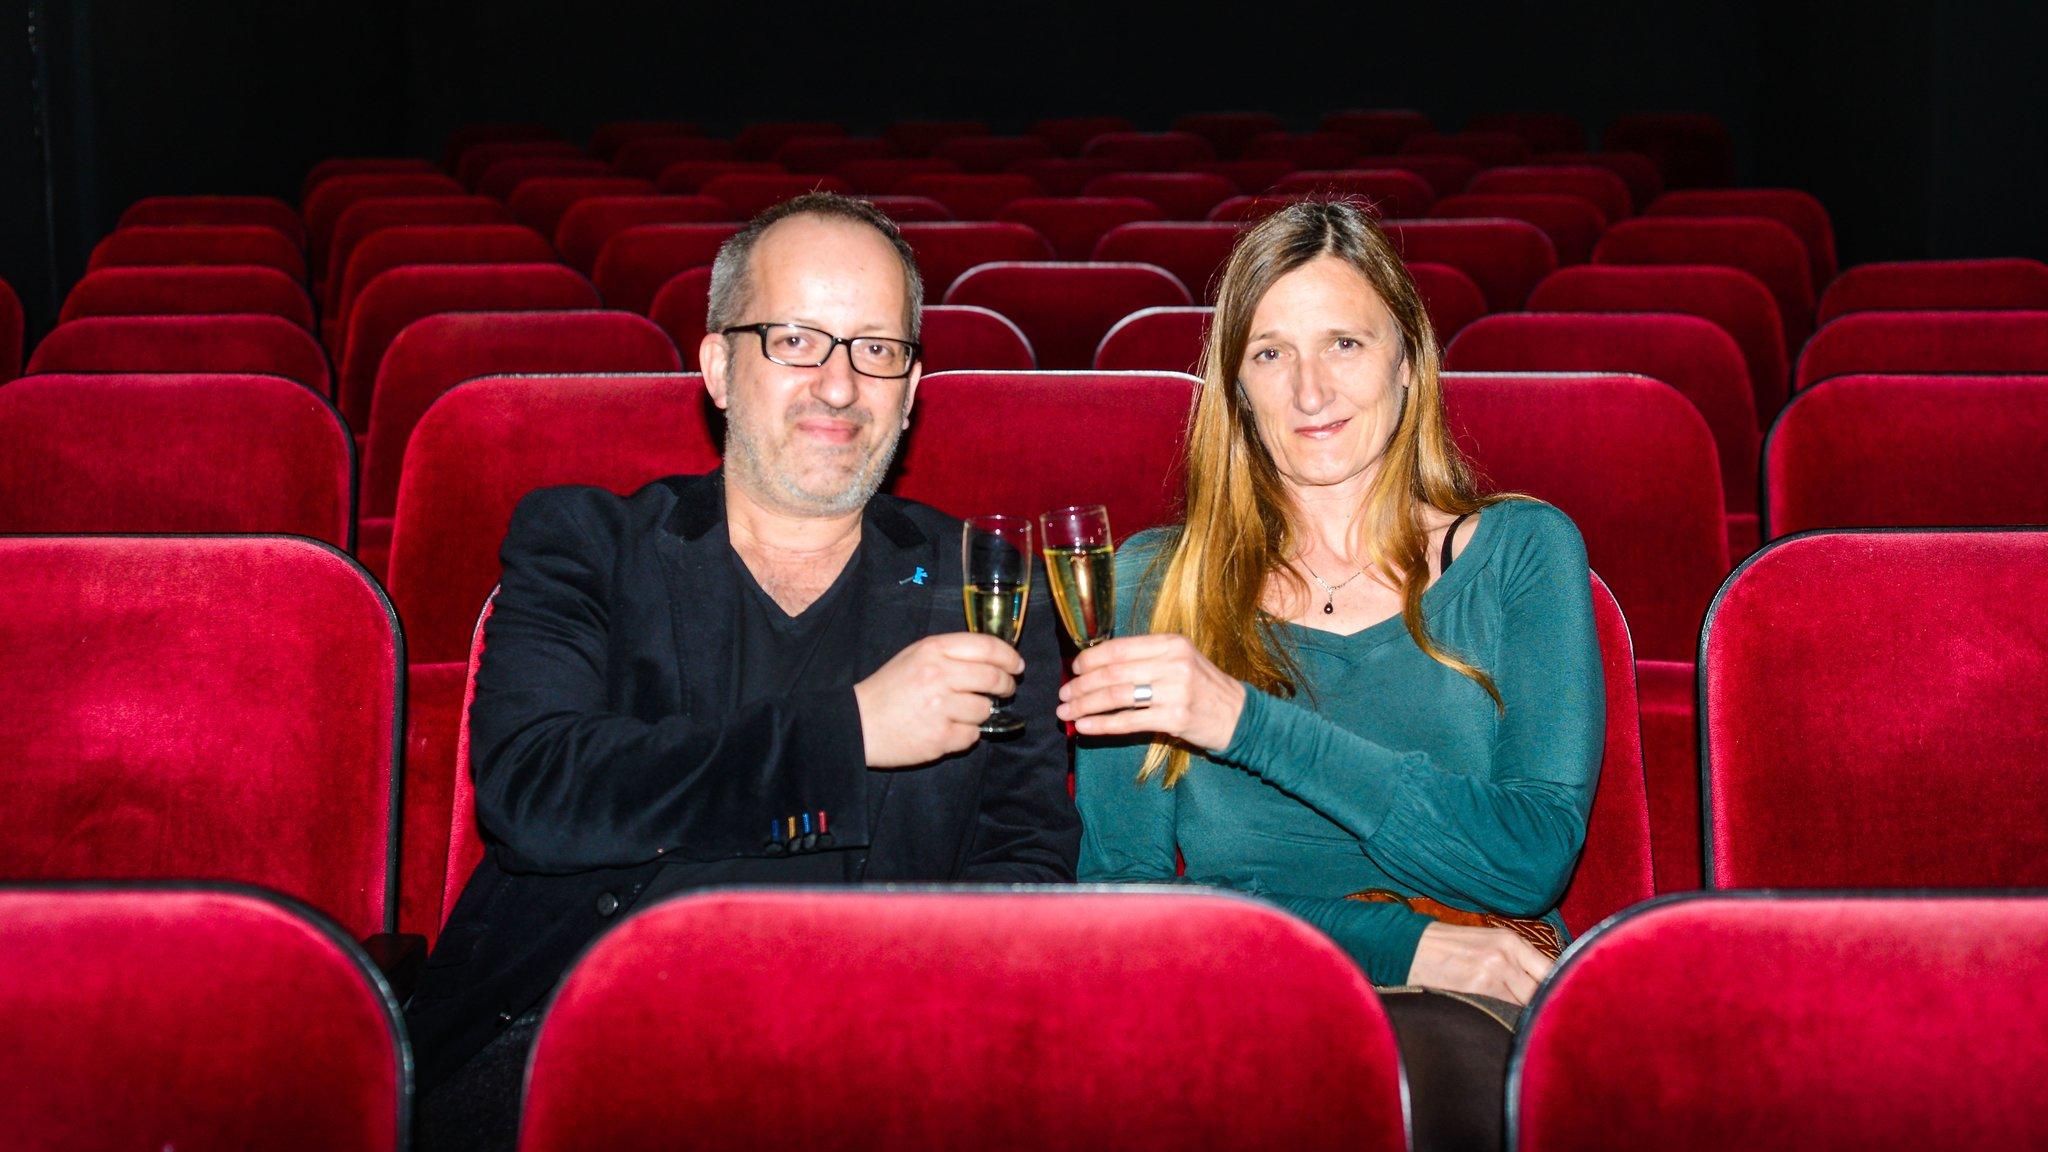 Kino Charlottenburg